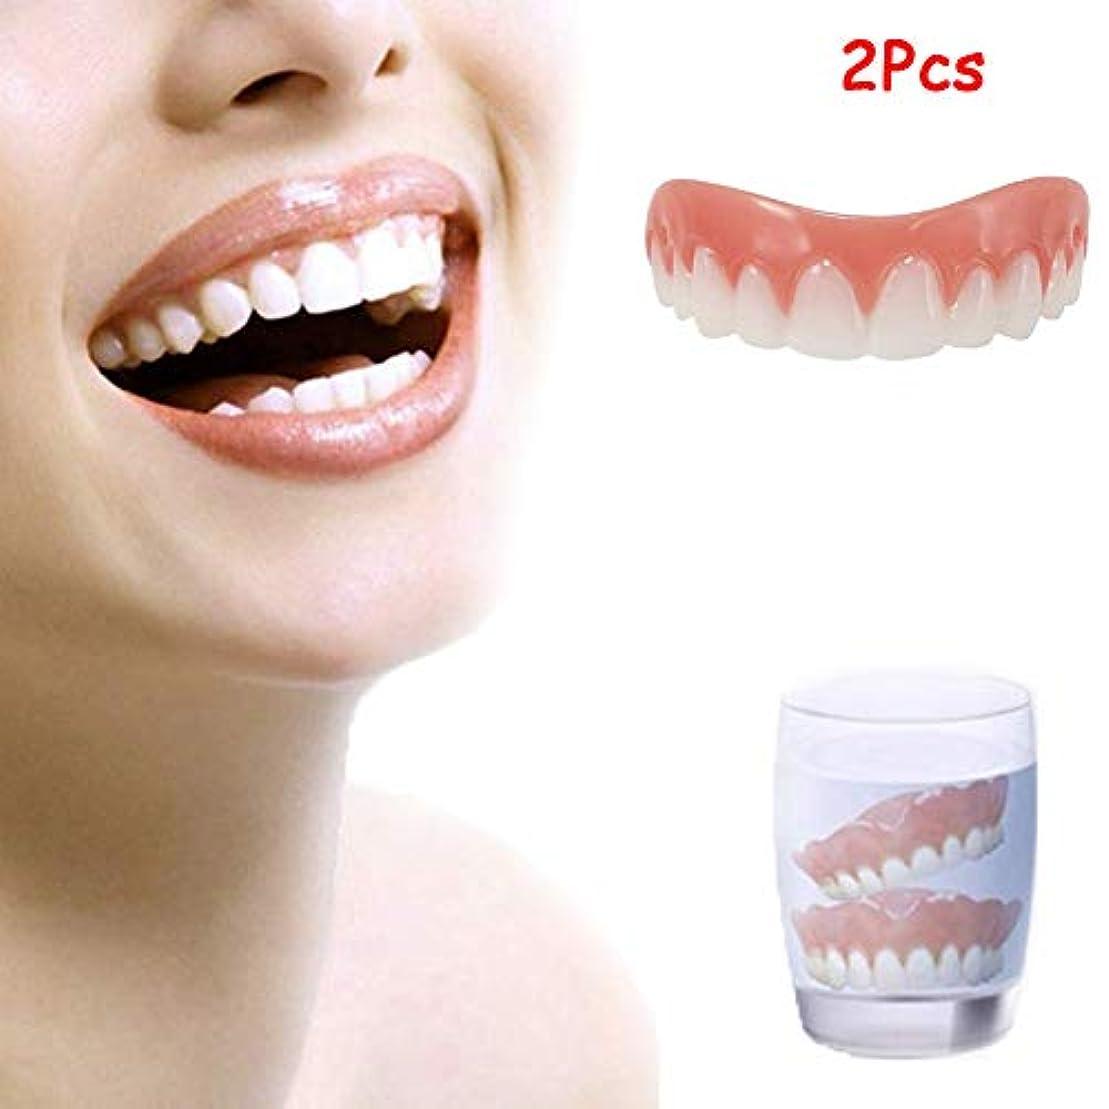 店員開発するエジプト人歯科用ベニヤホワイトニングデンタルインスタントパーフェクトスマイルアップアンドダウン快適なスナップインフェイクティース